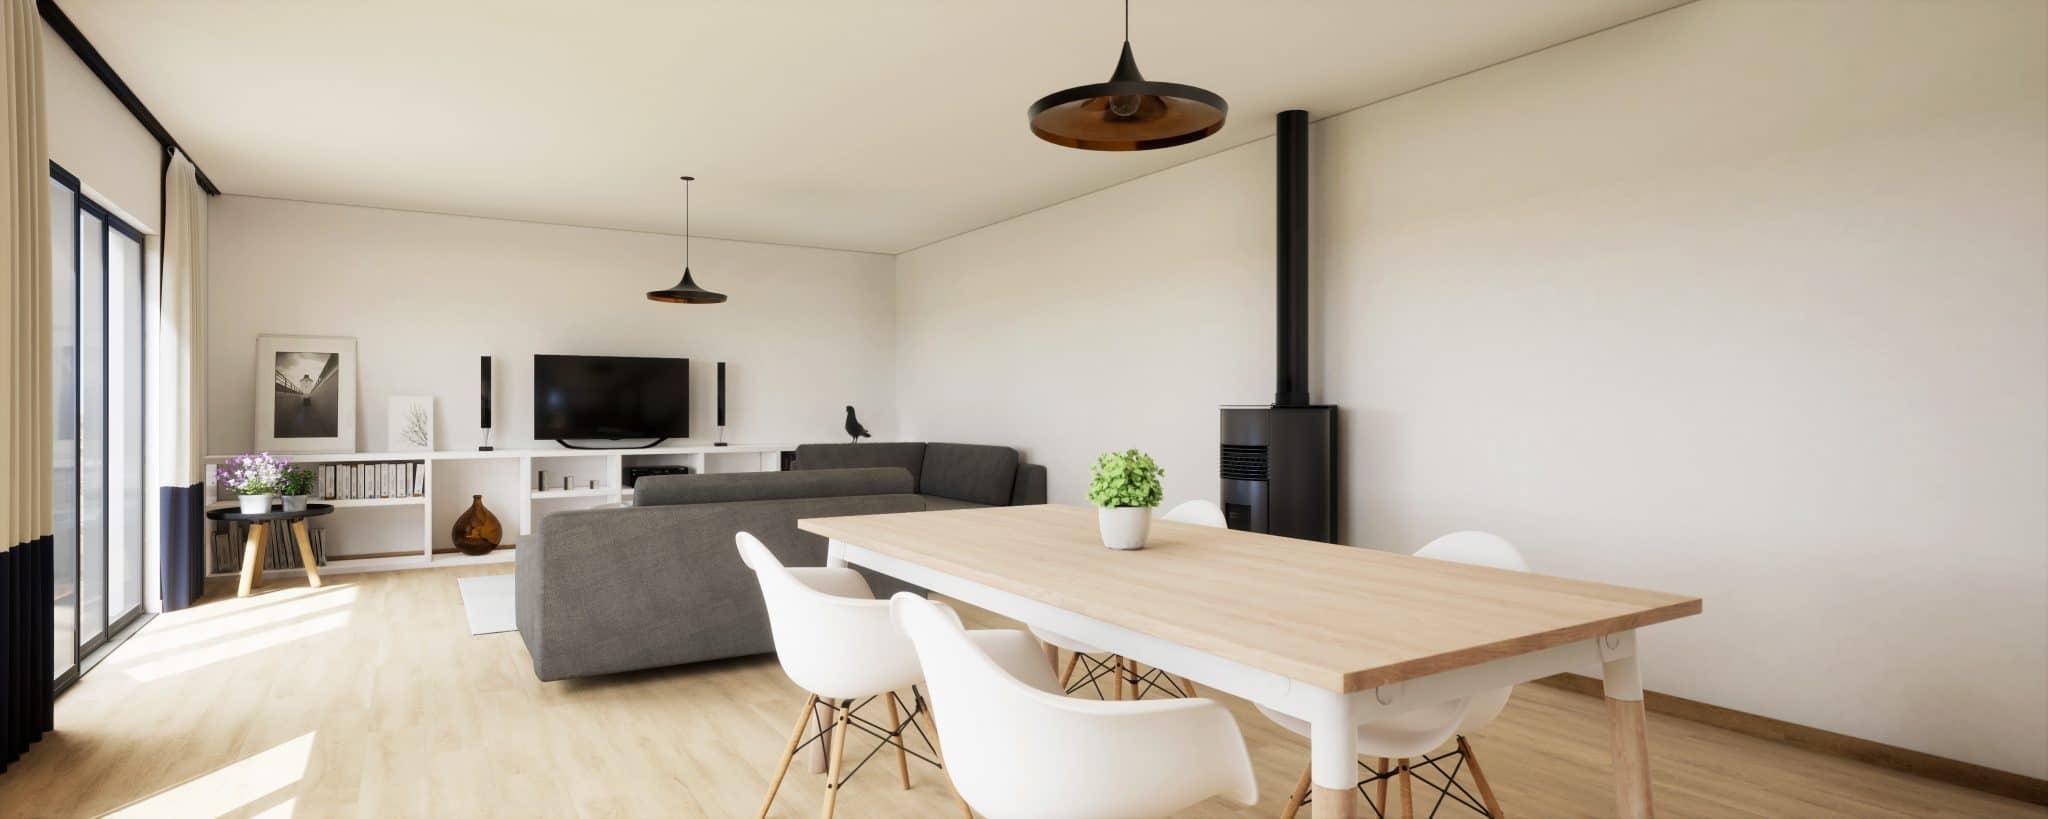 Rénovation de maison à Aix-en-Provence (13)